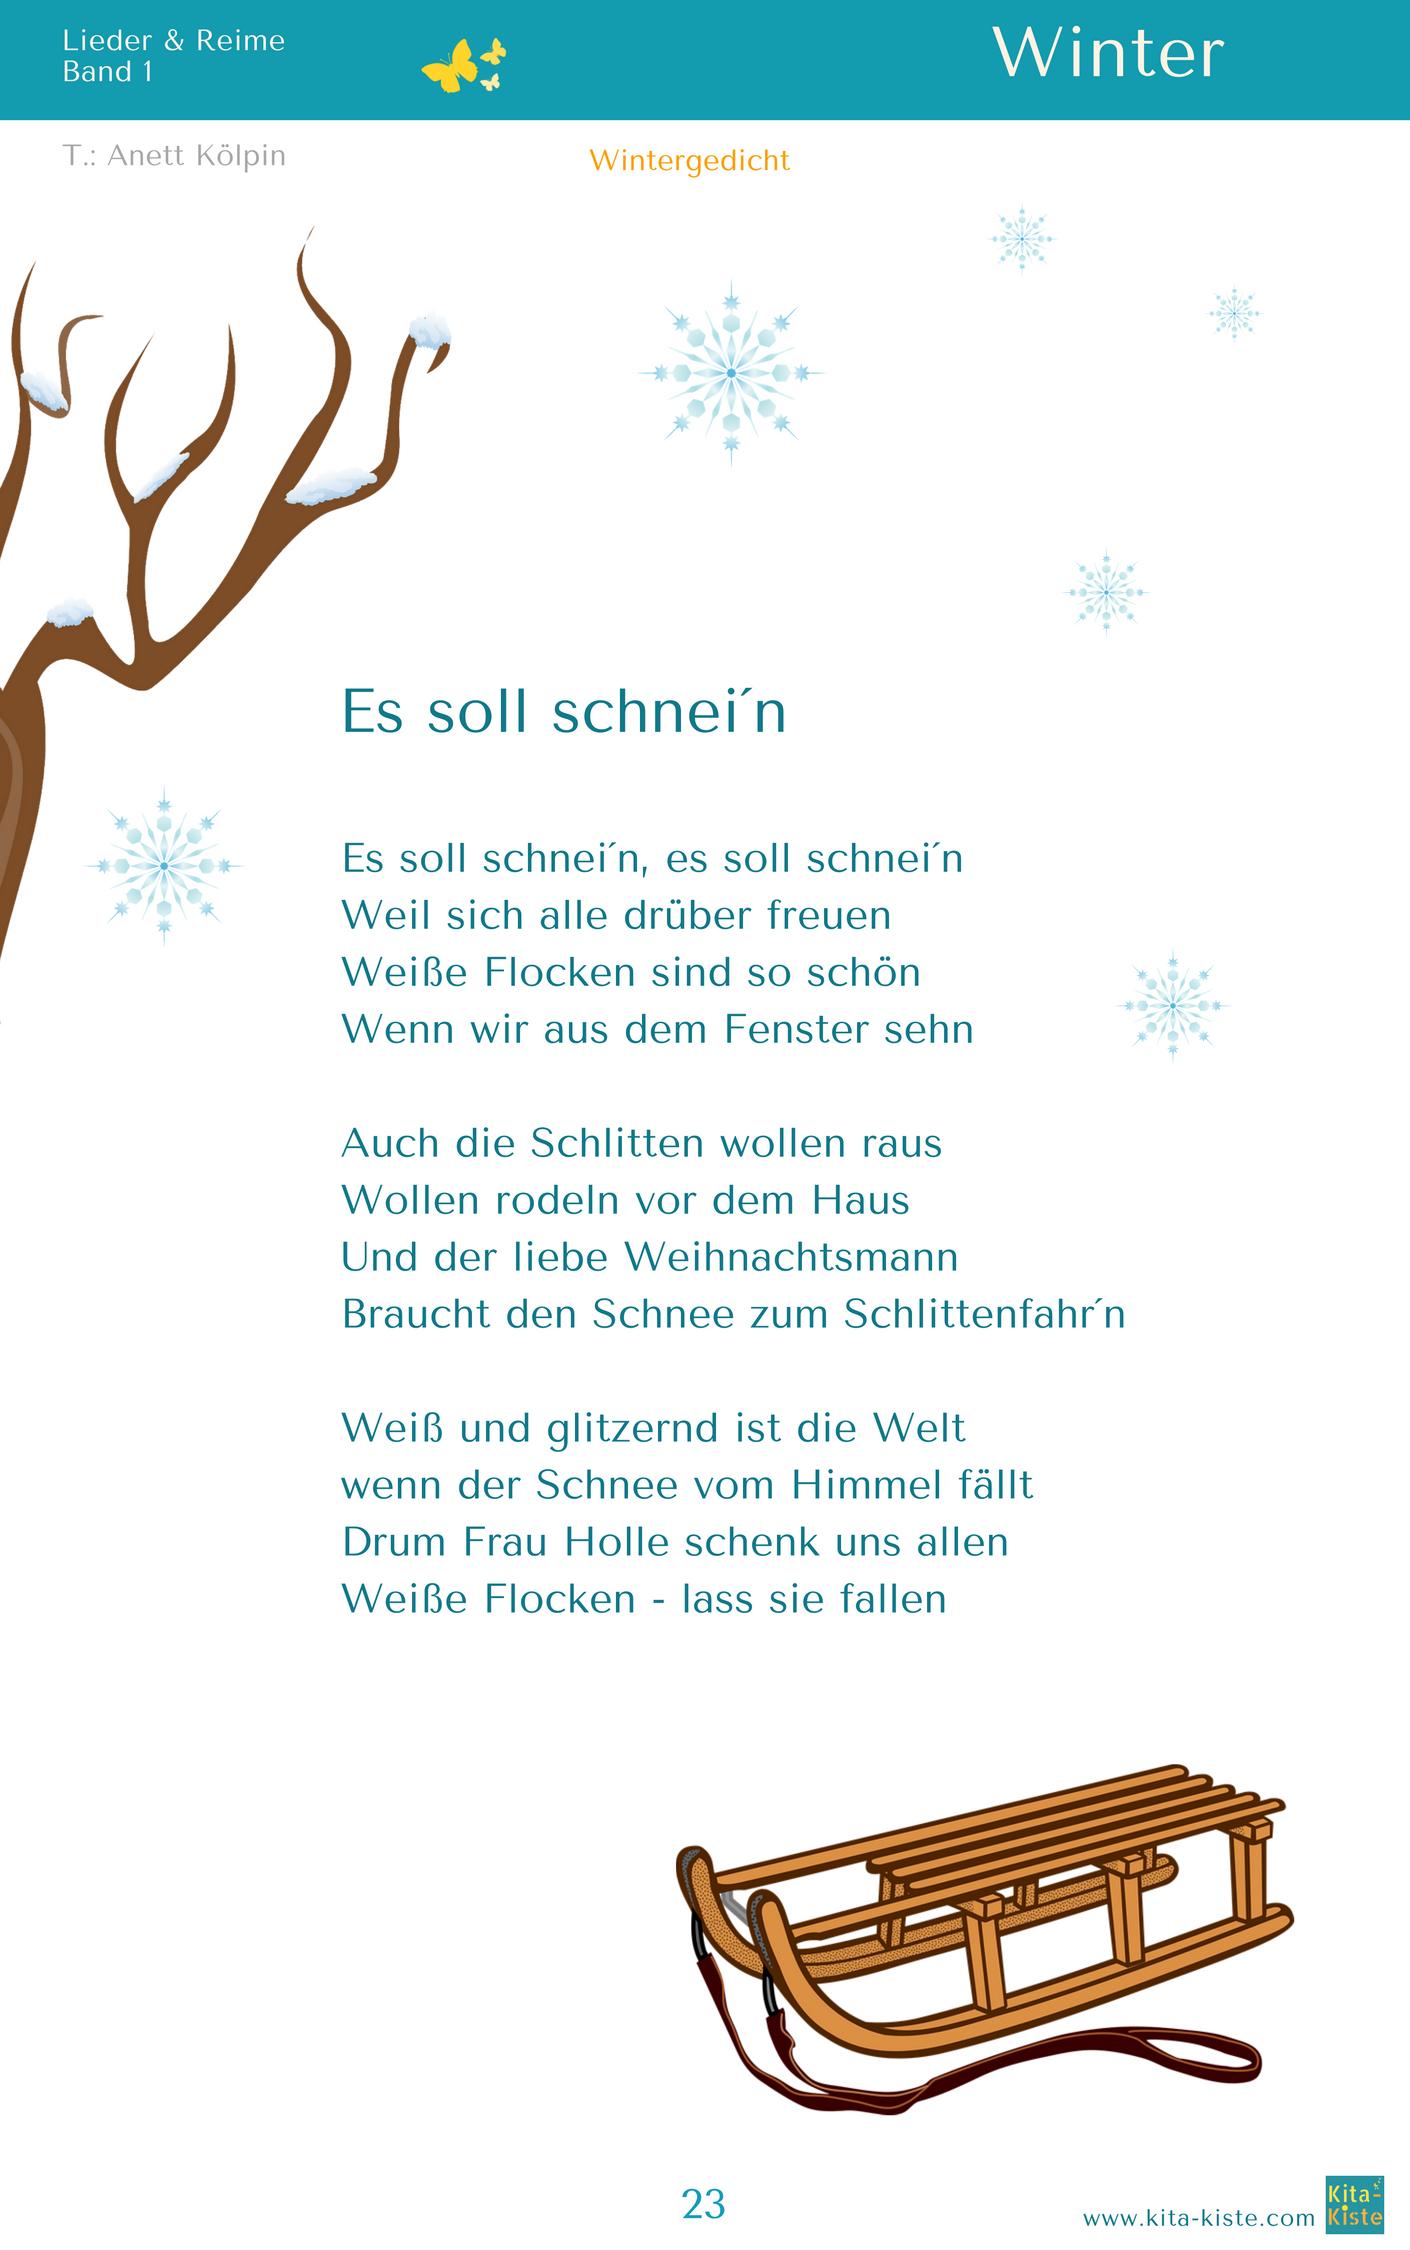 gedicht winter grundschule  kinderbilderdownload